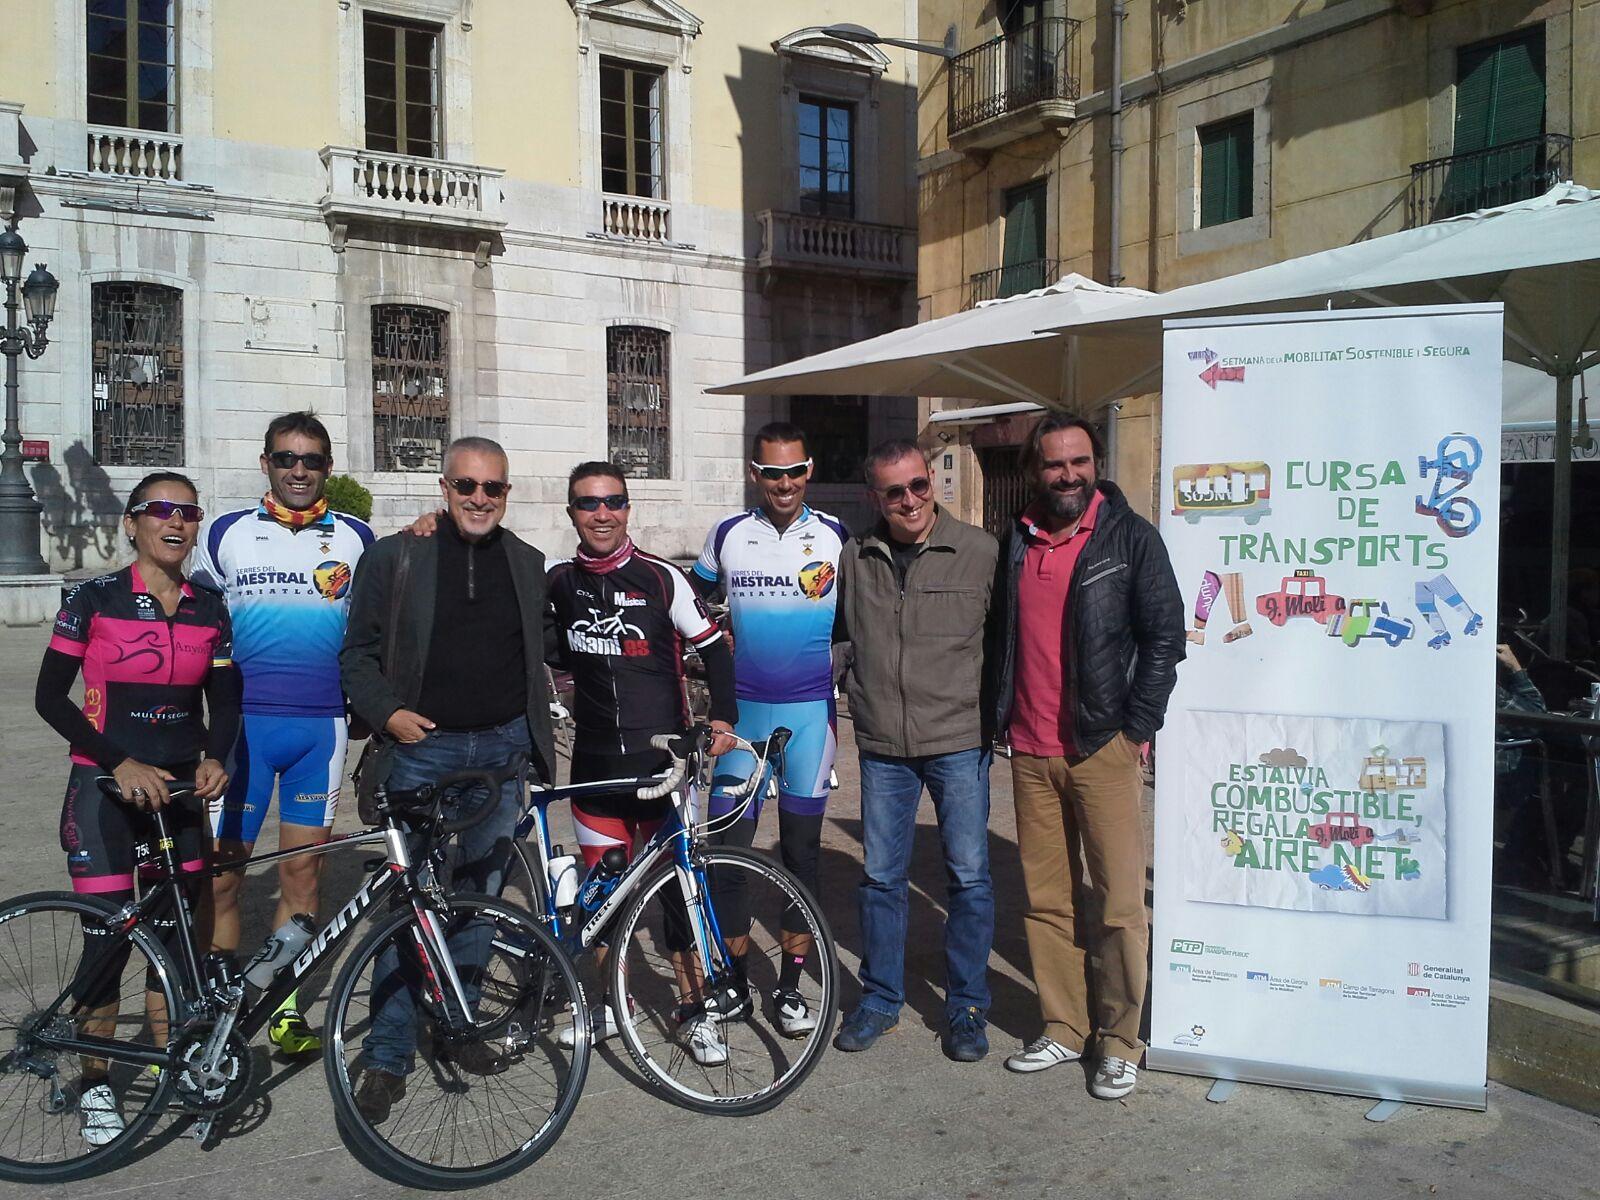 Mont-roig del Camp participa en la Carrera de Transportes 2015